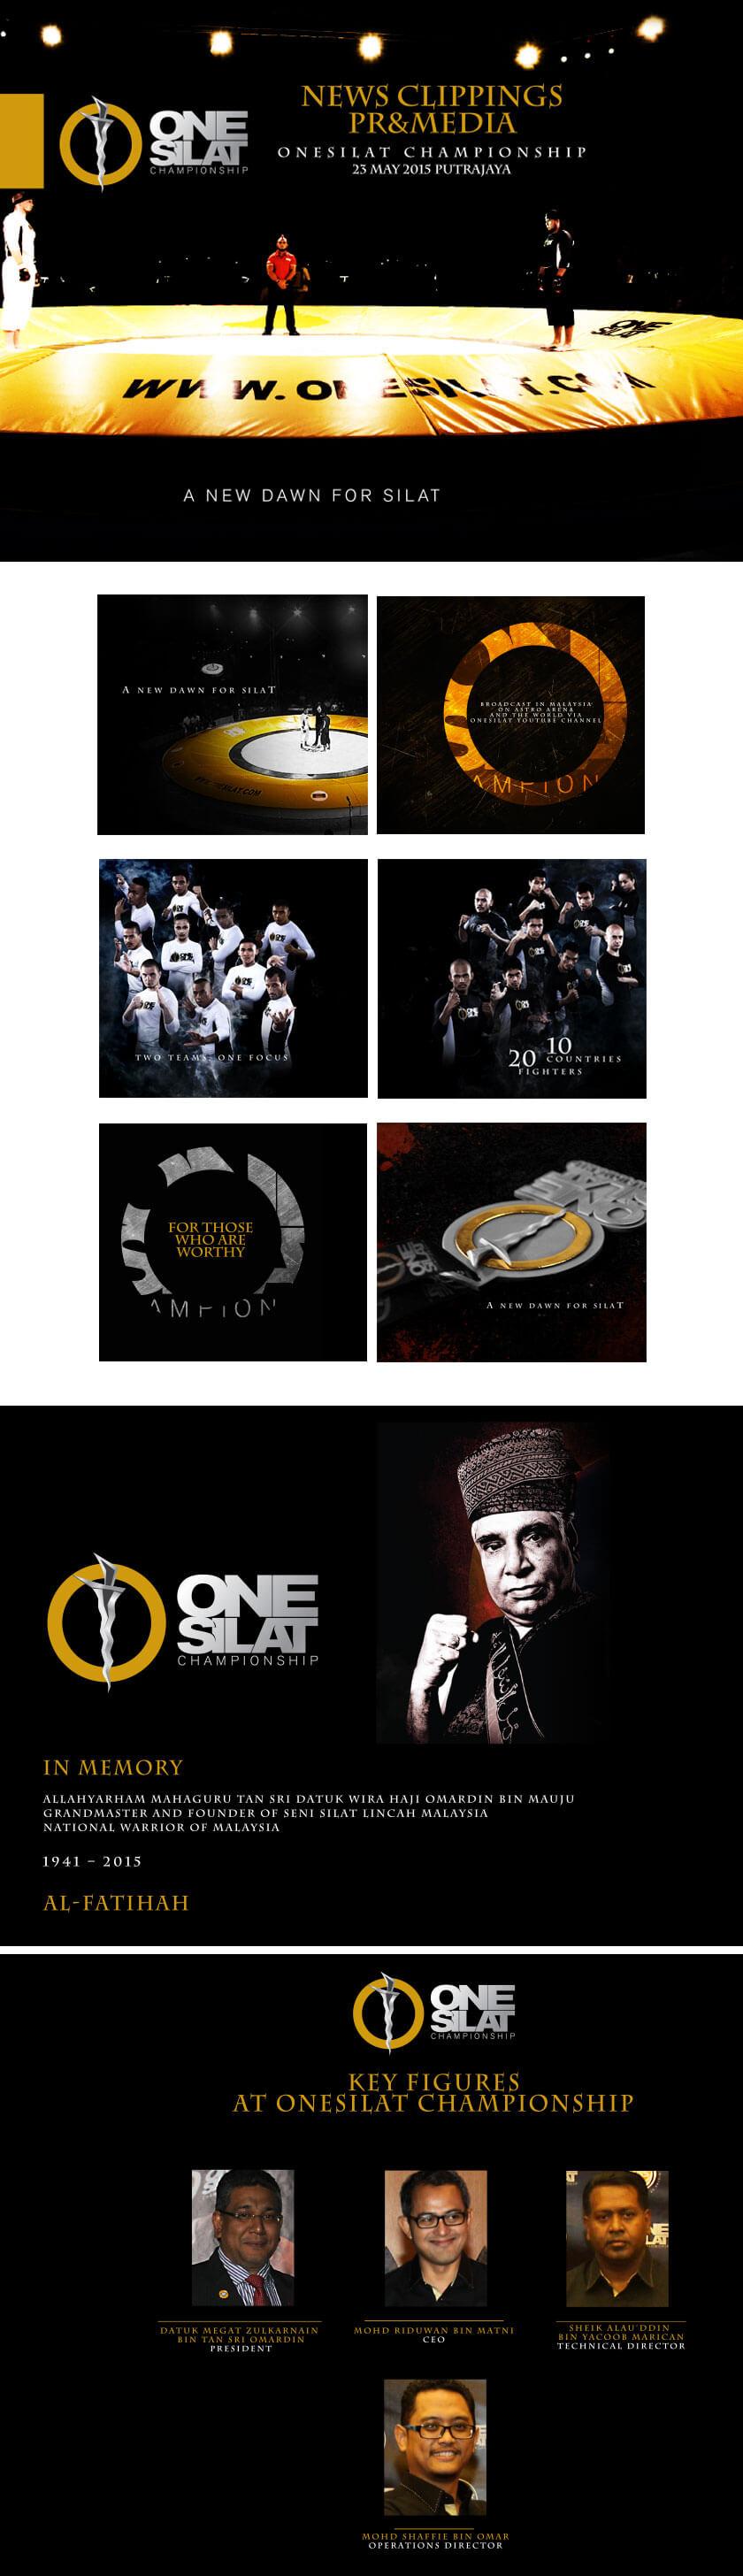 ออกแบบ Proposal OneSilat | MeDee - บริษัทรับทำเว็บไซต์ กราฟฟิกดีไซน์